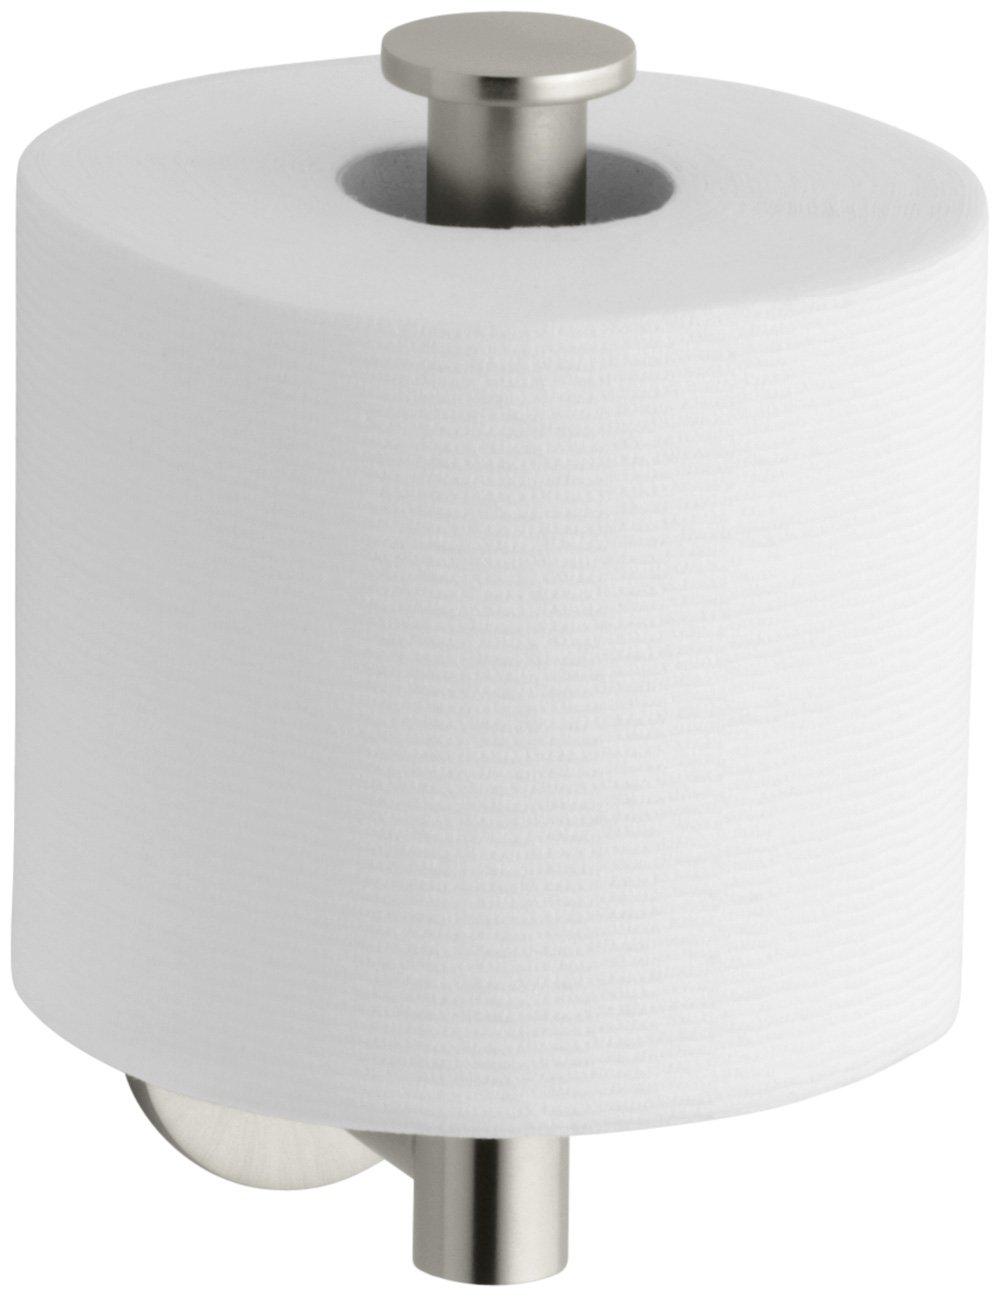 KOHLER K-14459-BN Stillness Toilet Tissue Holder, Vibrant Brushed Nickel